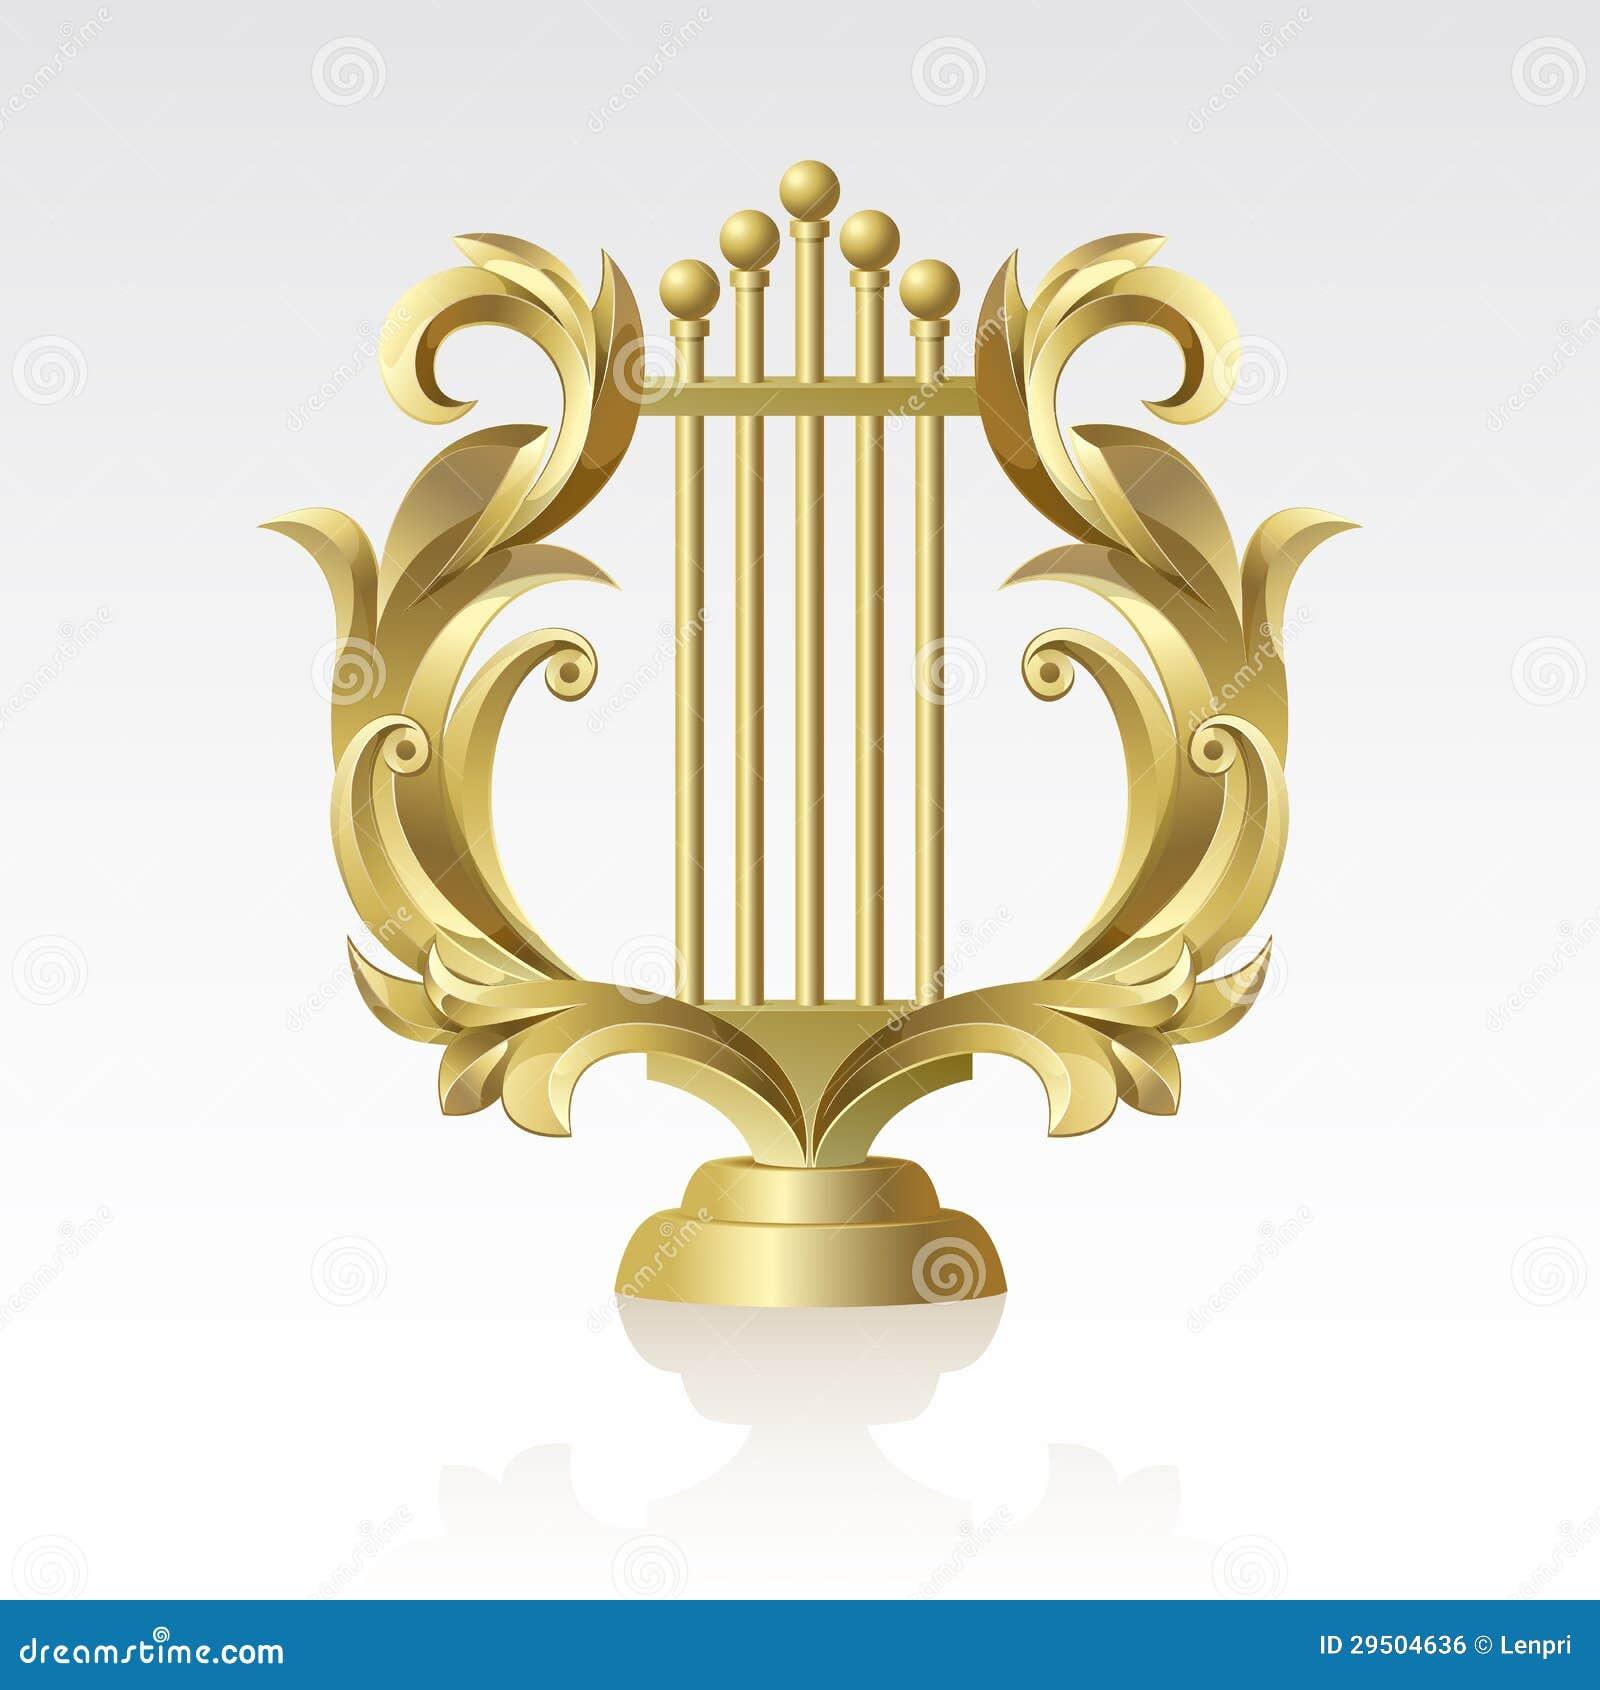 Images Of Phoebus Apollo Symbol